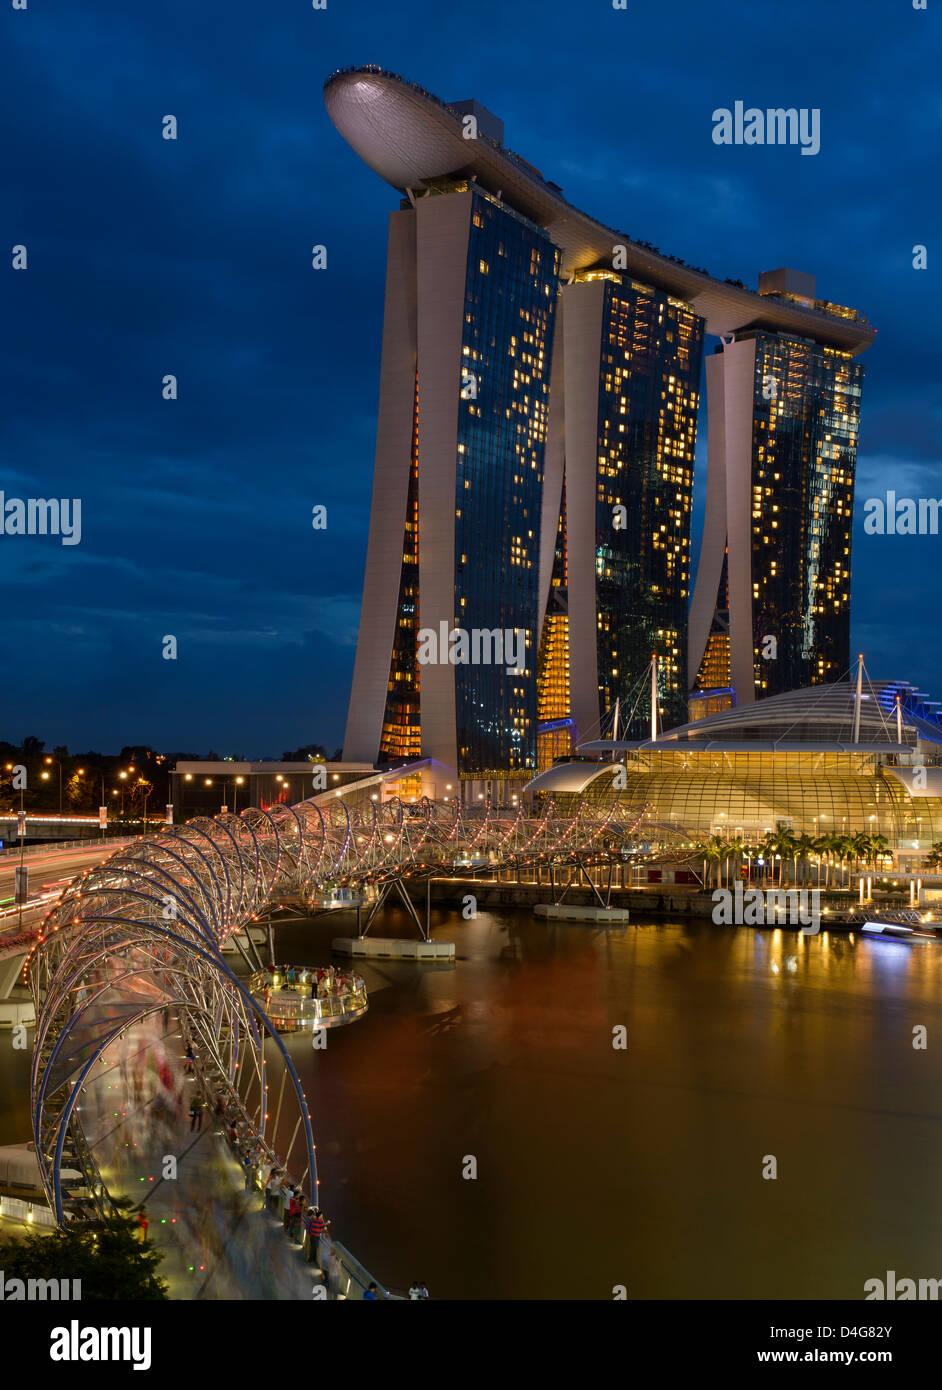 Marina Bay Sands and Double Helix Bridge, Singapore - Stock Image